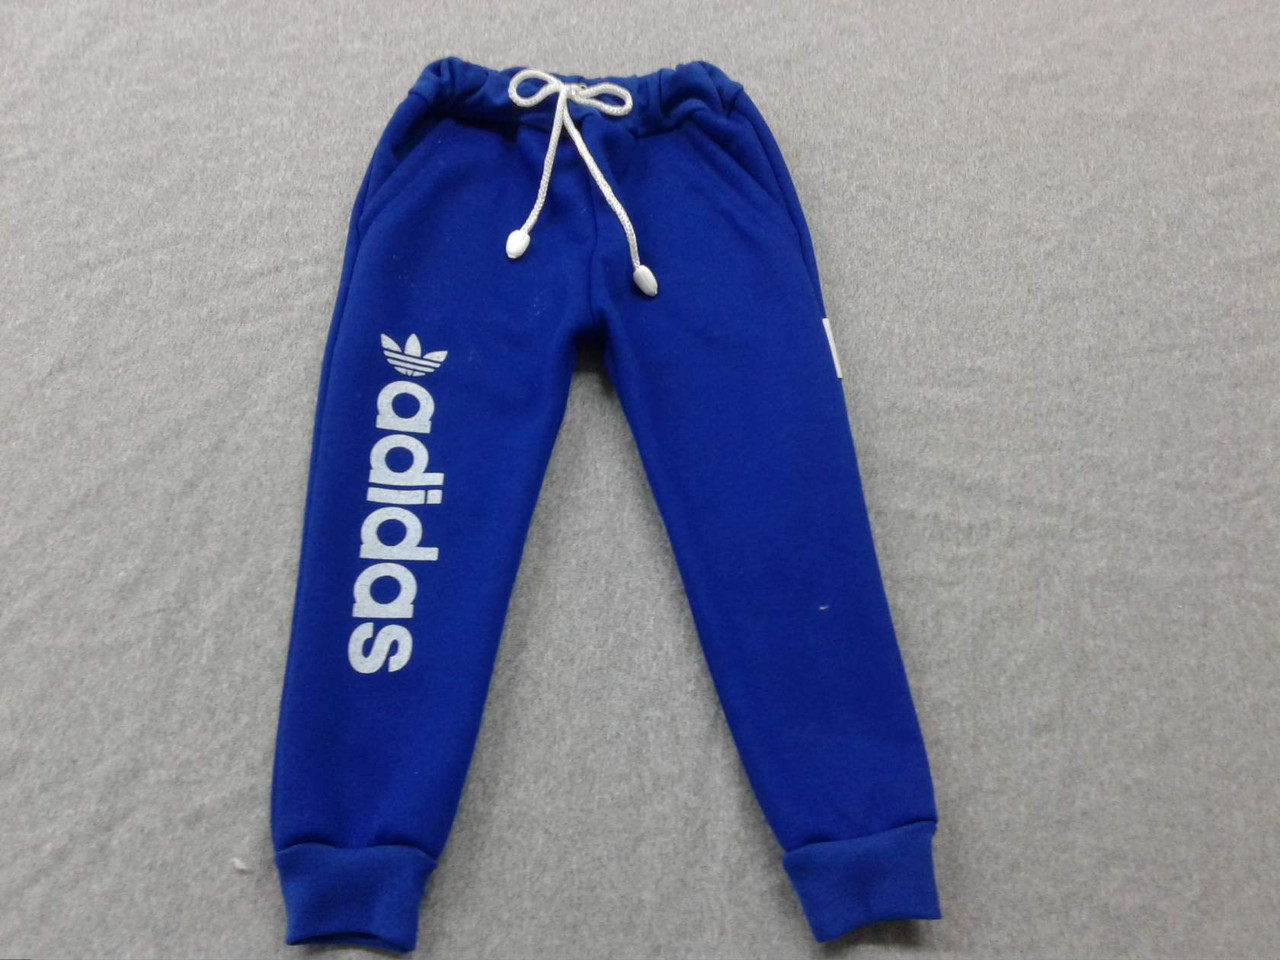 """Спортивные штаны """"adidas"""" р. 28 - р. 34 - Интернет-магазин """"Все для тебя"""" в Луганской области"""